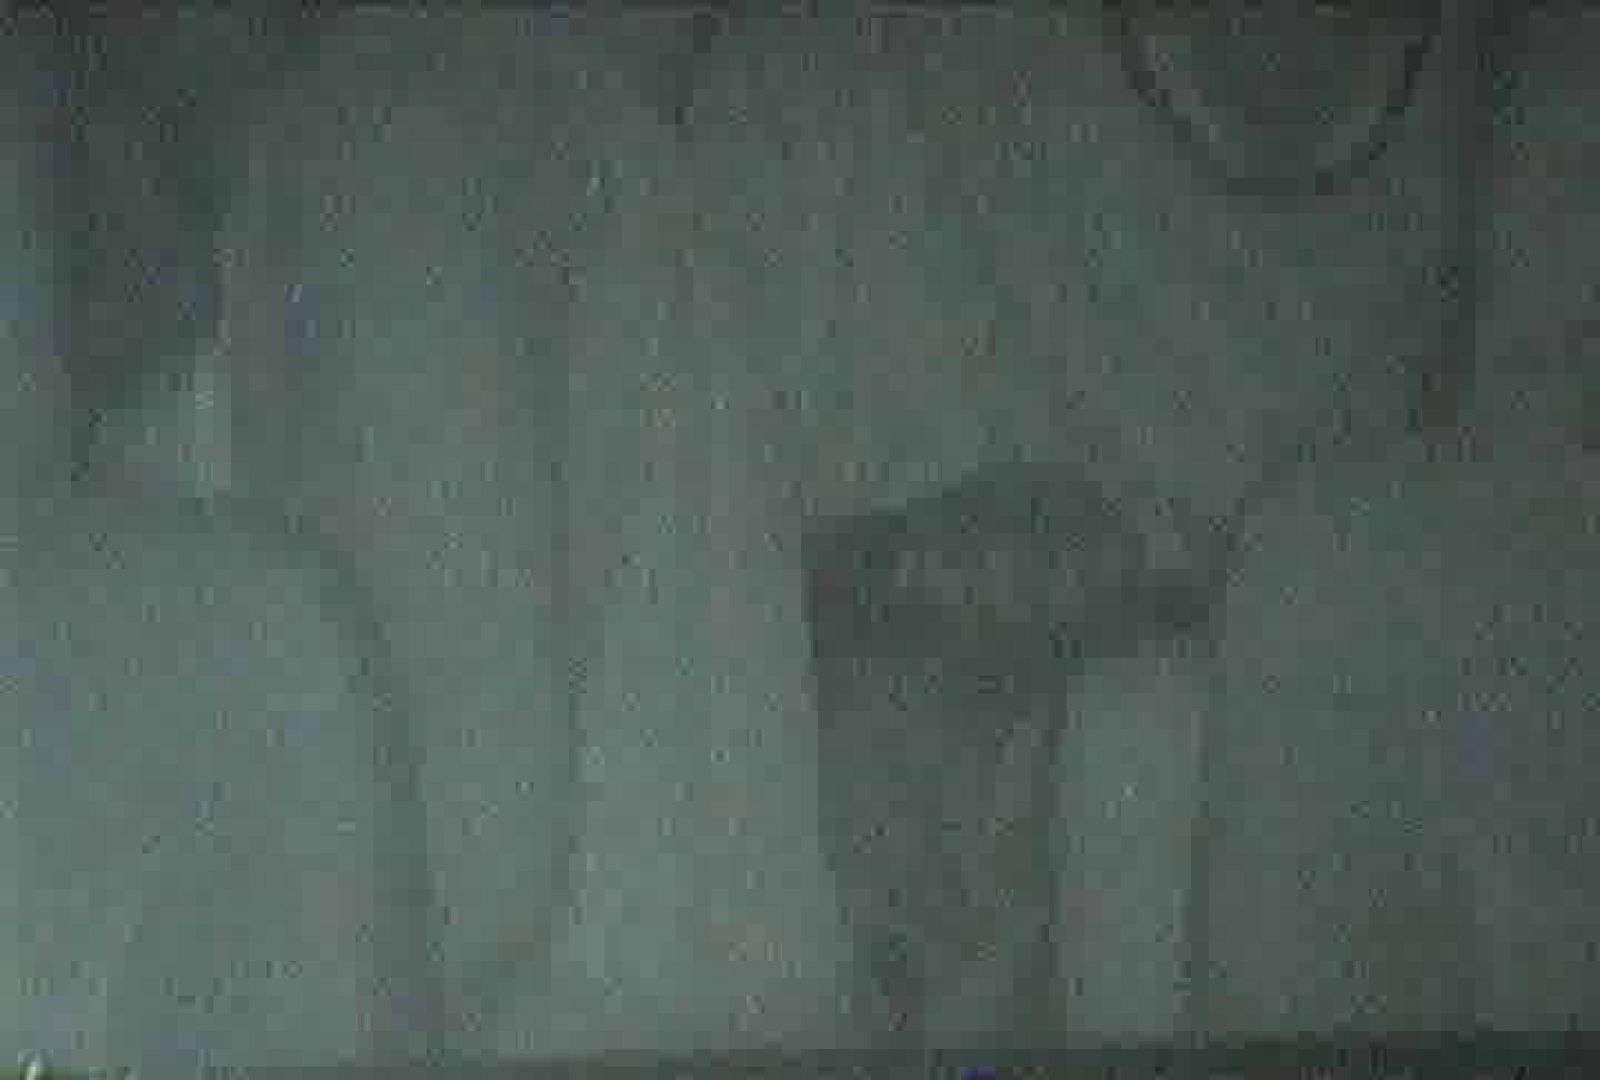 充血監督の深夜の運動会Vol.87 無修正マンコ | OLエロ画像  84PICs 27